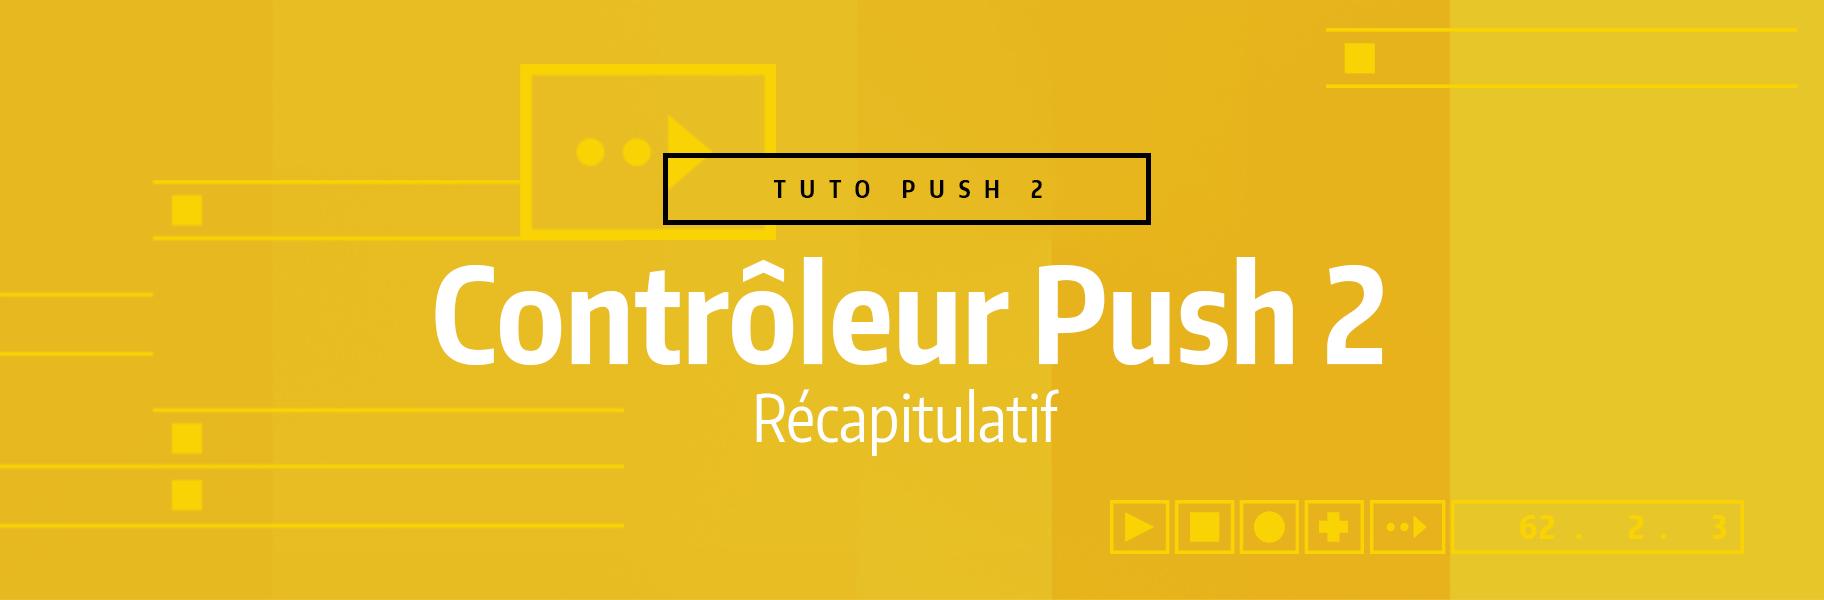 Tutoriel Ableton Live - Contrôleur Push 2 - Récapitulatif